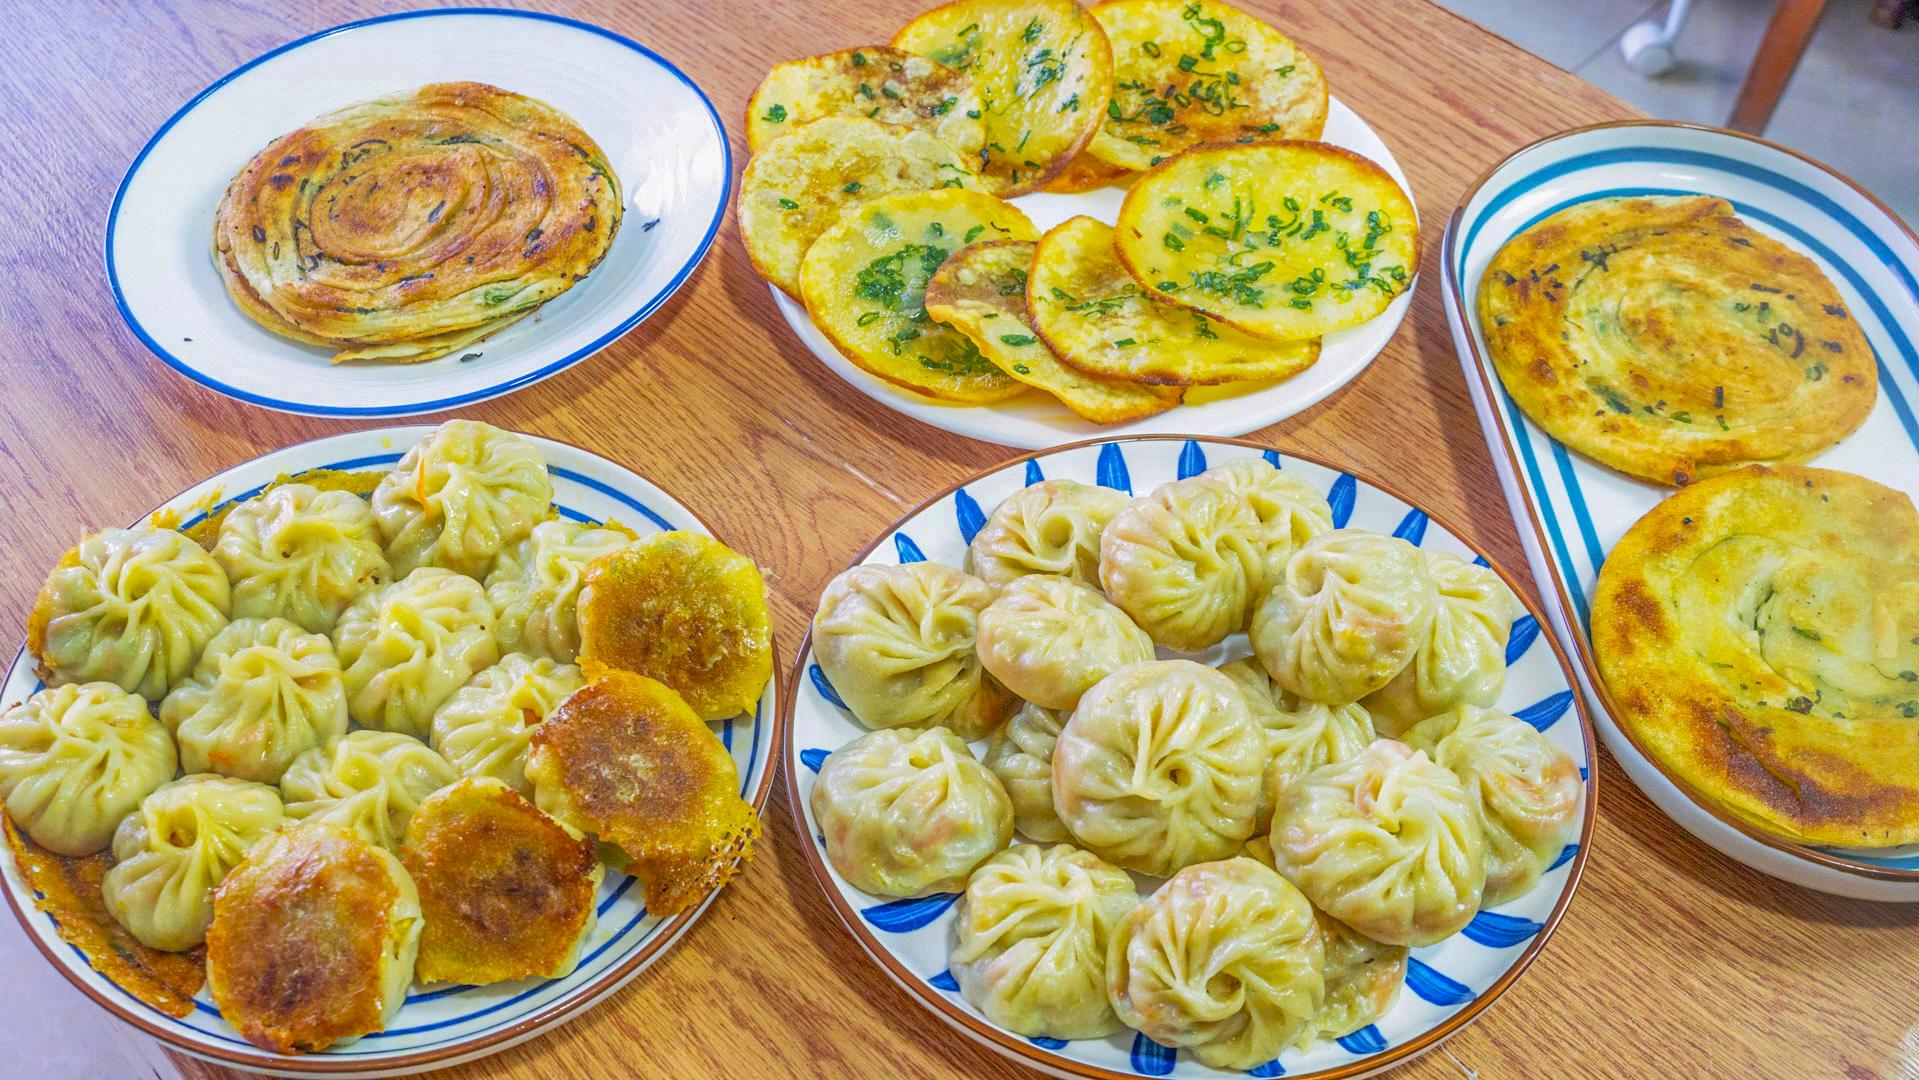 早餐别吃包子馒头了,1块钱饺子皮,教你5种吃法,做法简单又解馋 美食做法 第30张